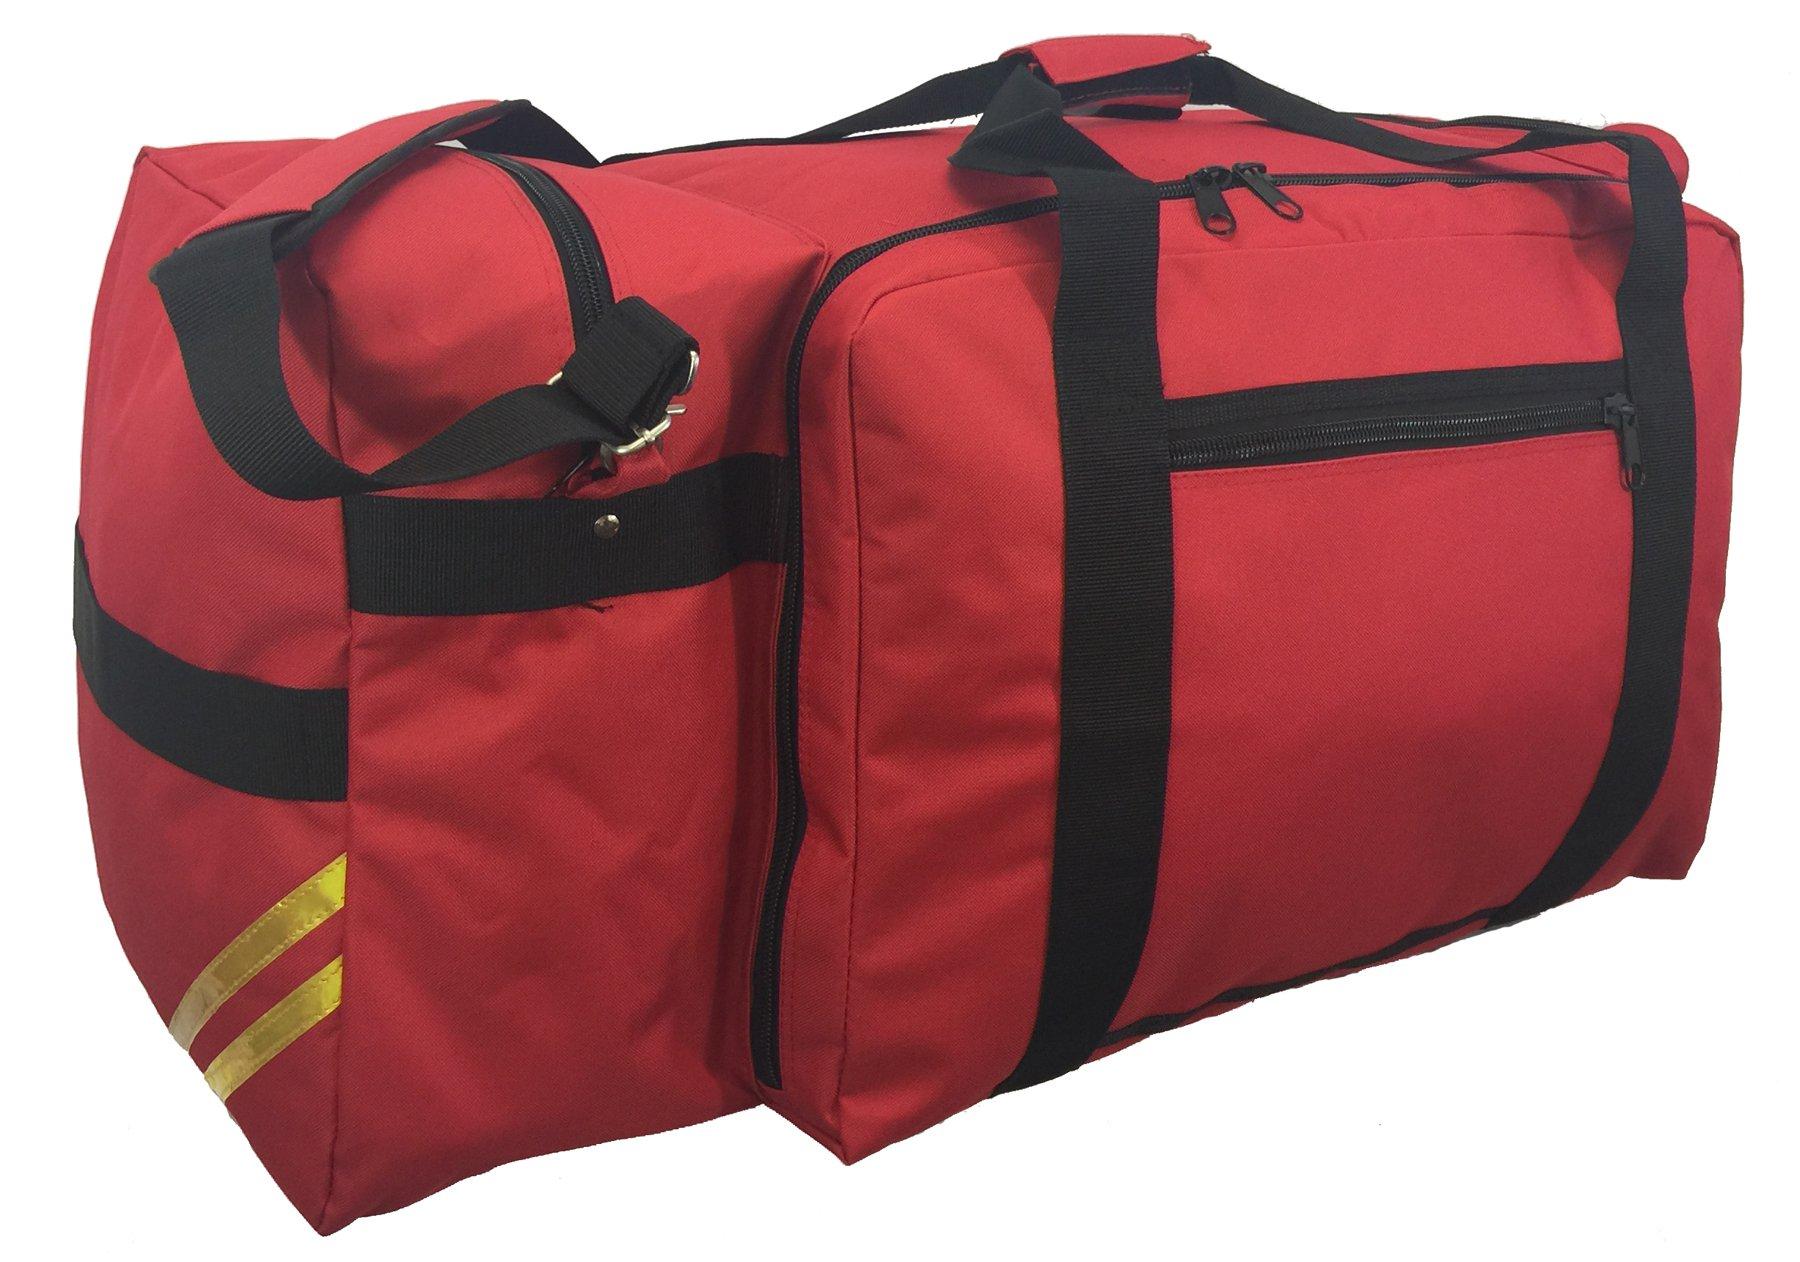 Firefighter Rescue Duffel Fireman Paramedic Medical Bags Fire Fighter Gear Travel Bag Helmet Pocket